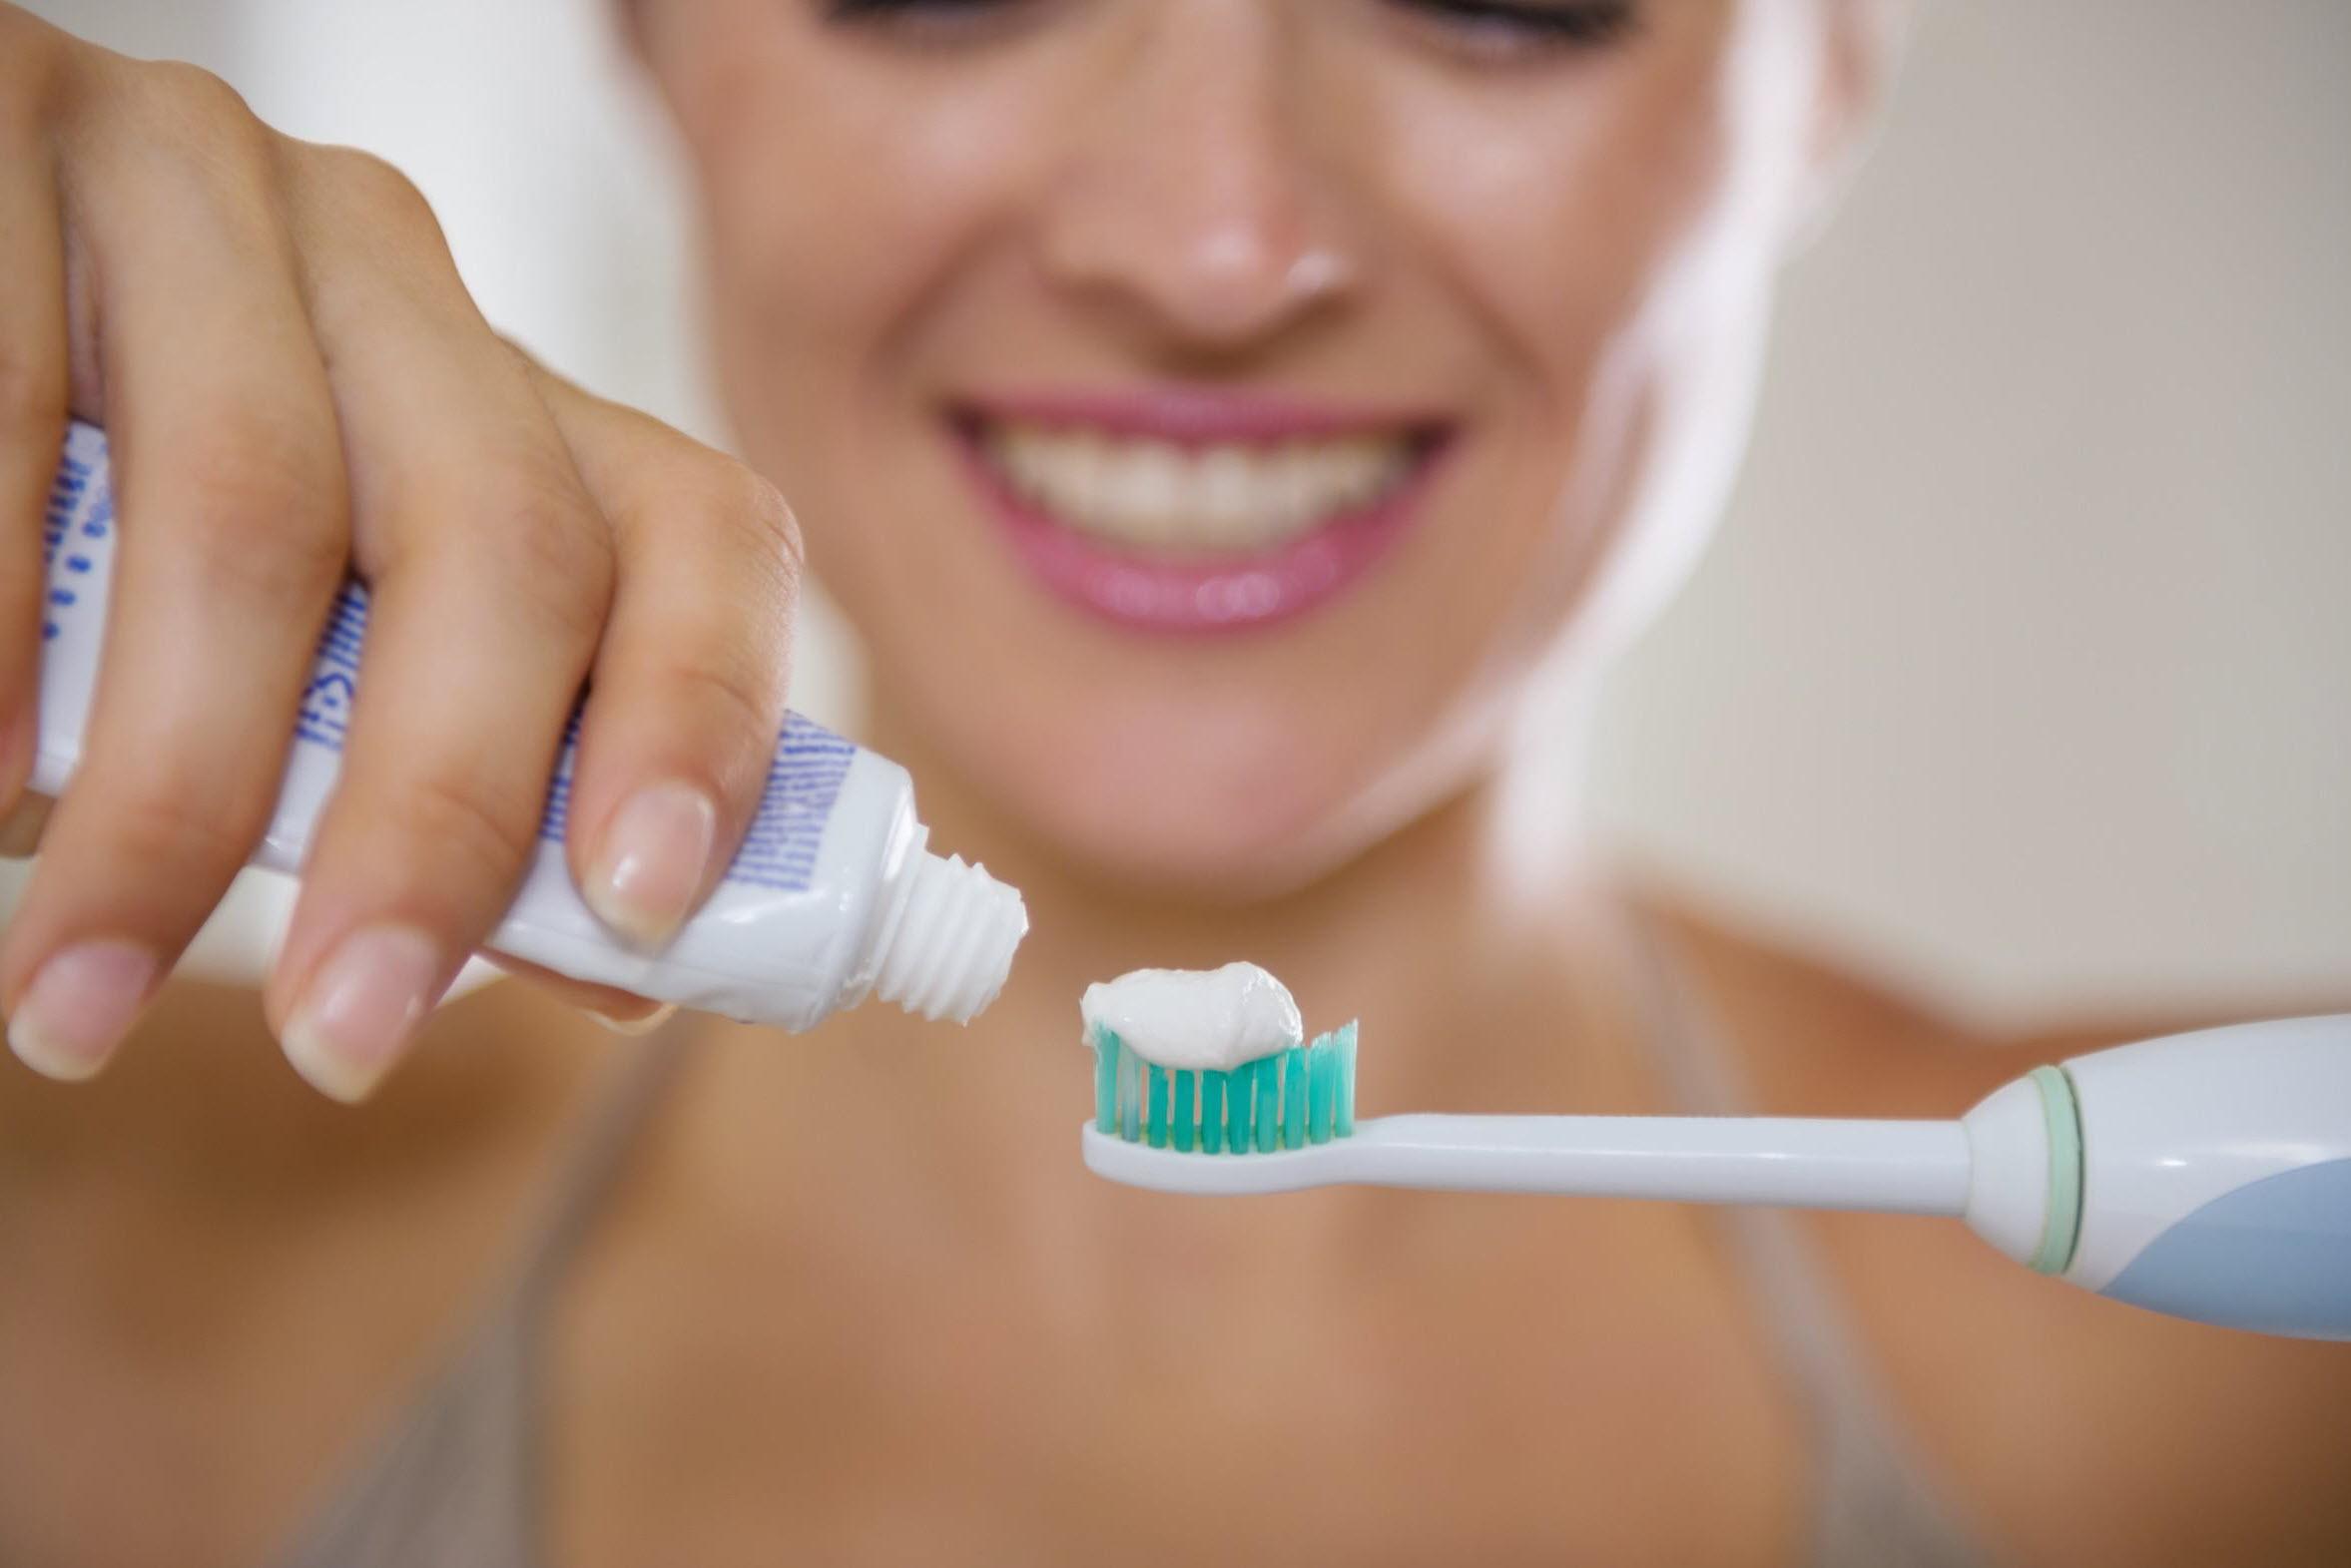 паста для электрической зубной щеткой